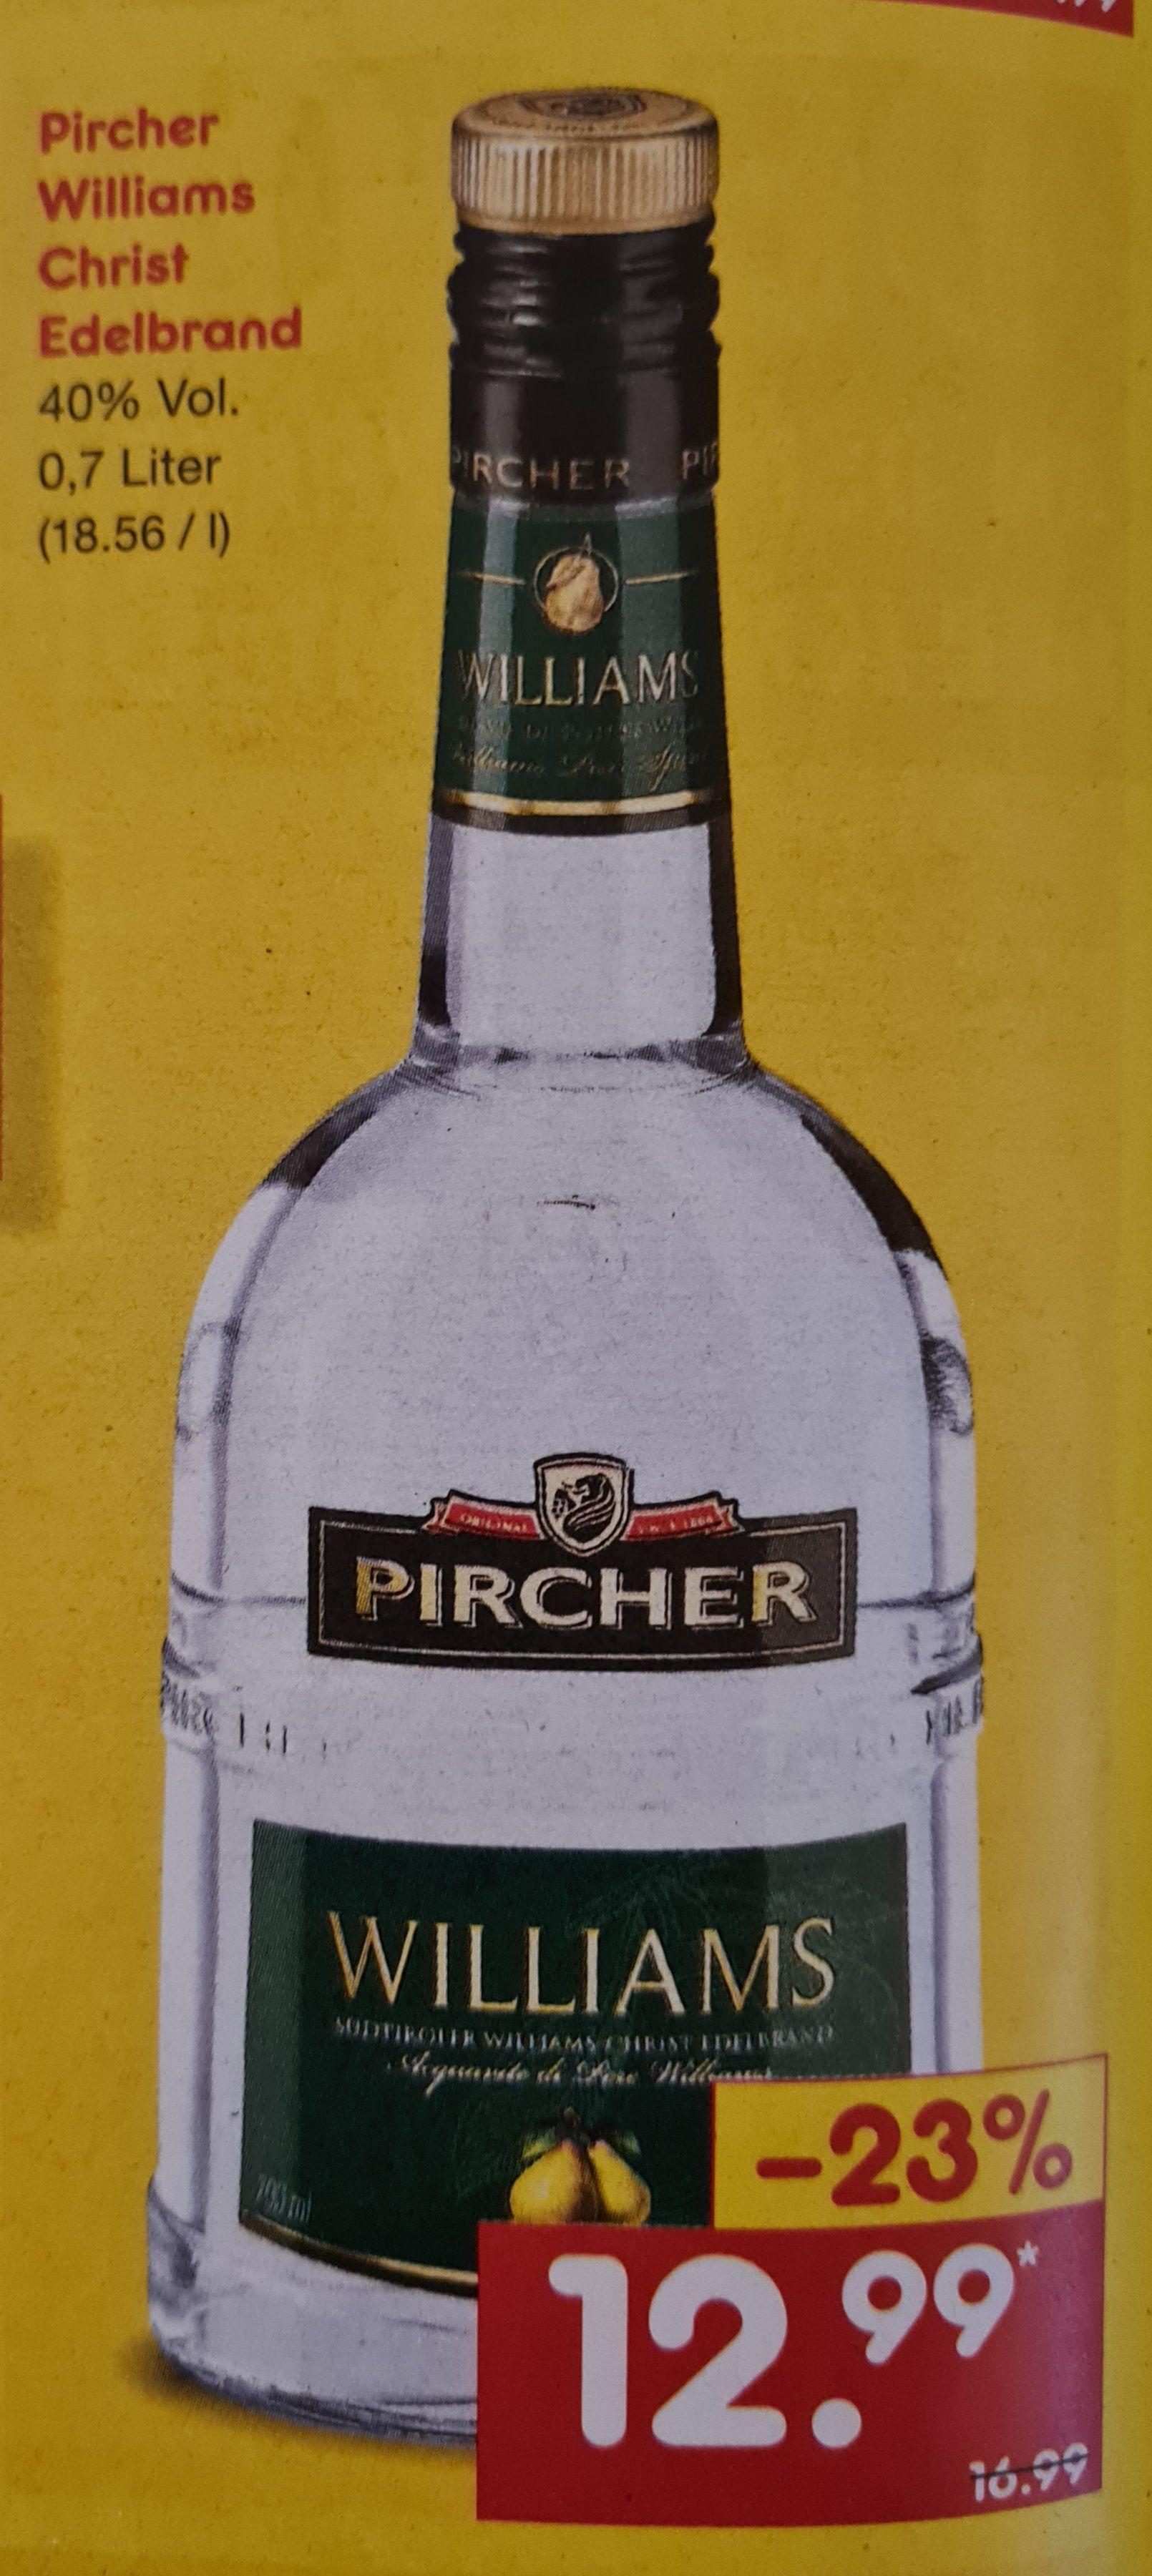 Pircher Williams Christ Edelbrand 40% 0,7 l für 12,99€ statt 16,99€ UND Jägermeister 35% 0,7 l für 10,49€ statt 11,99€ ab 10.05 im Netto MD